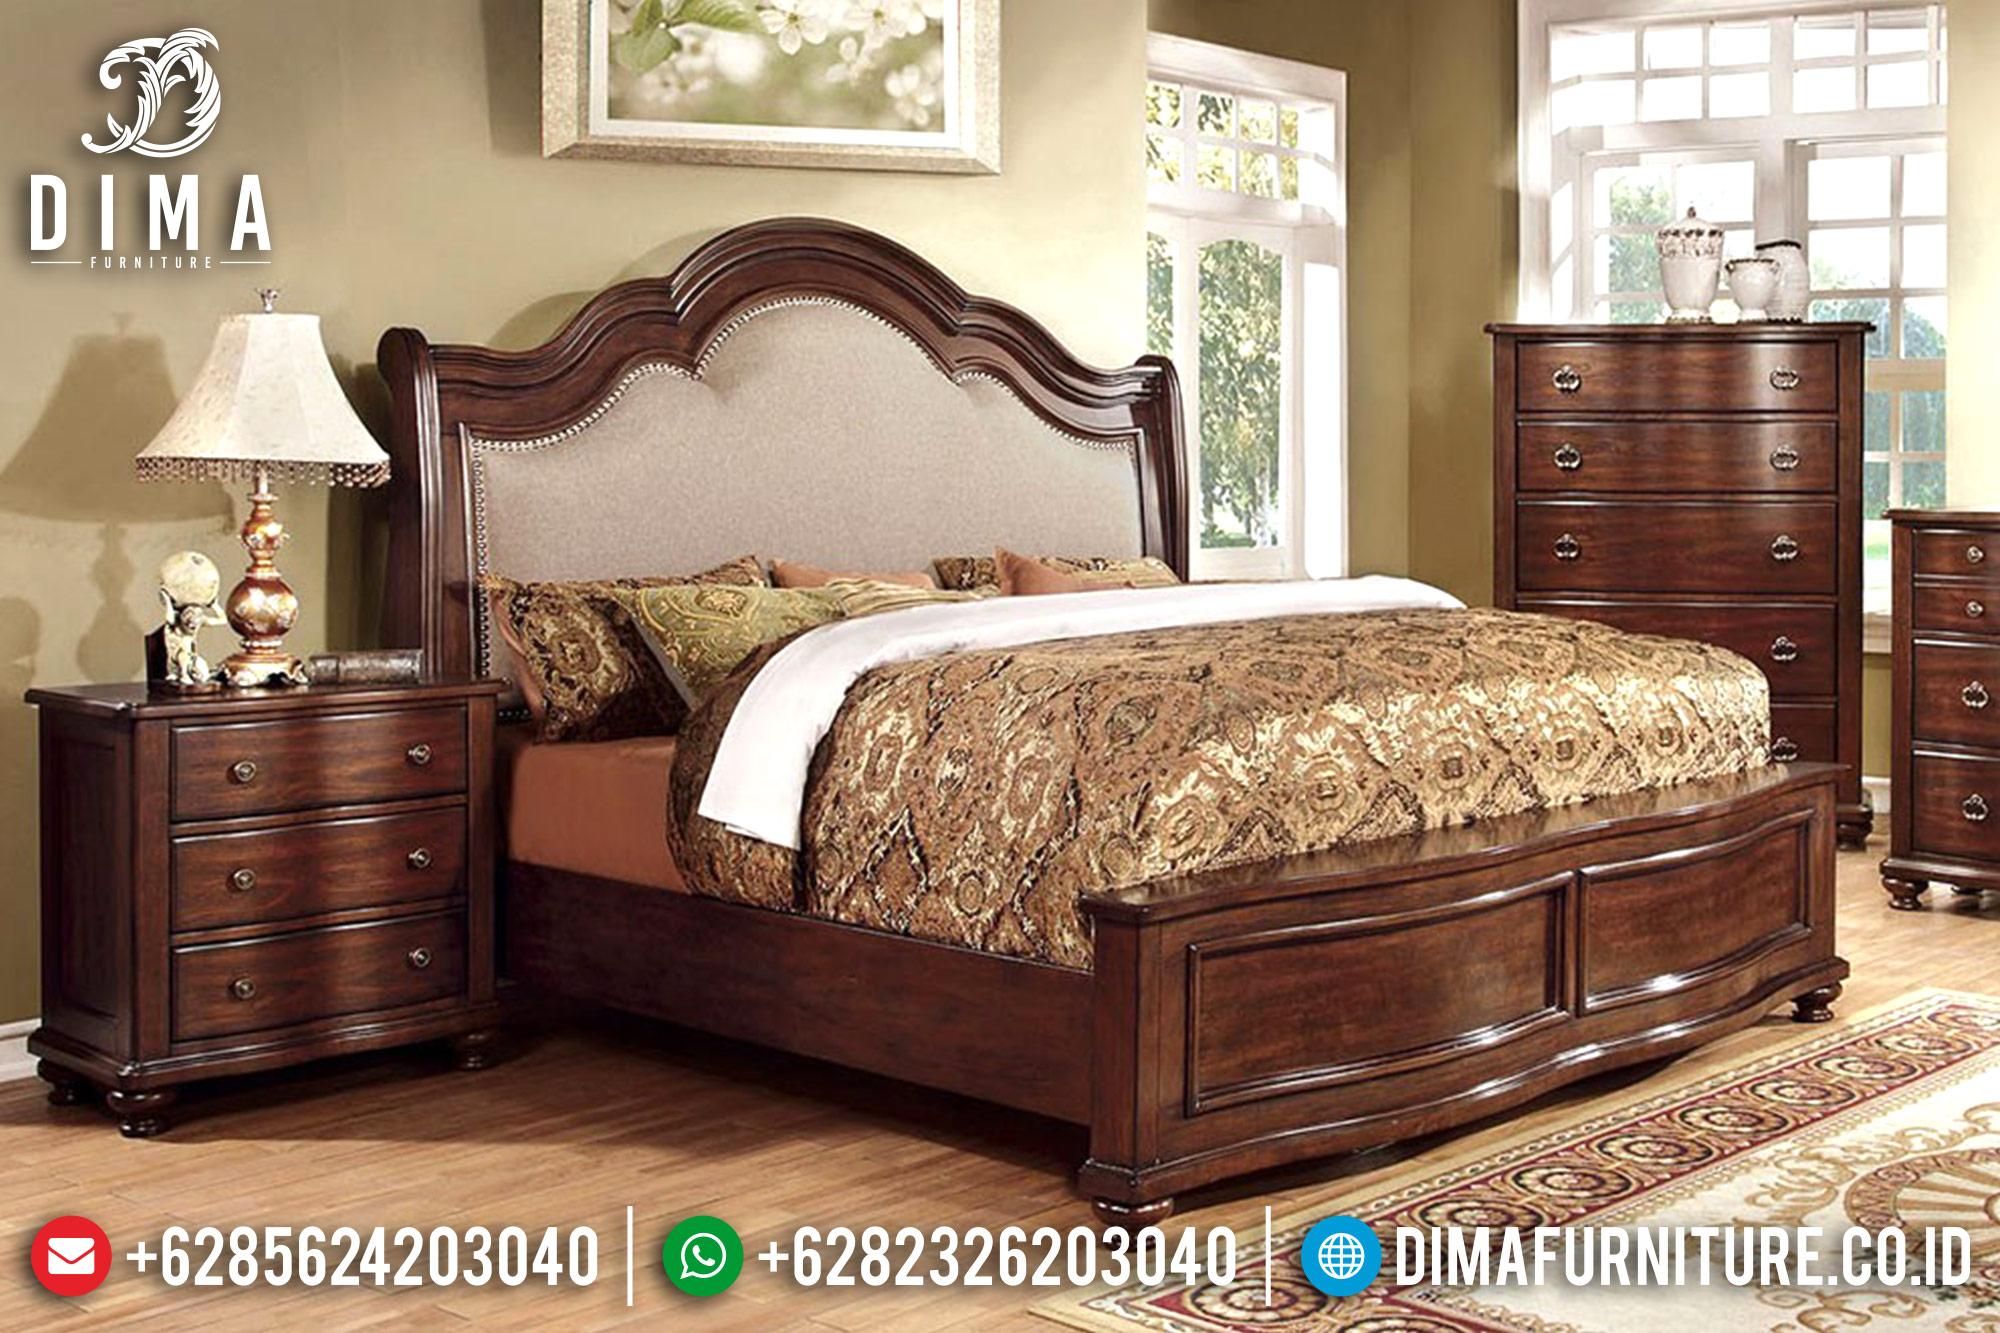 Set Kamar Tidur Minimalis Jati Jepara Mewah Terbaru Davina DF-0509